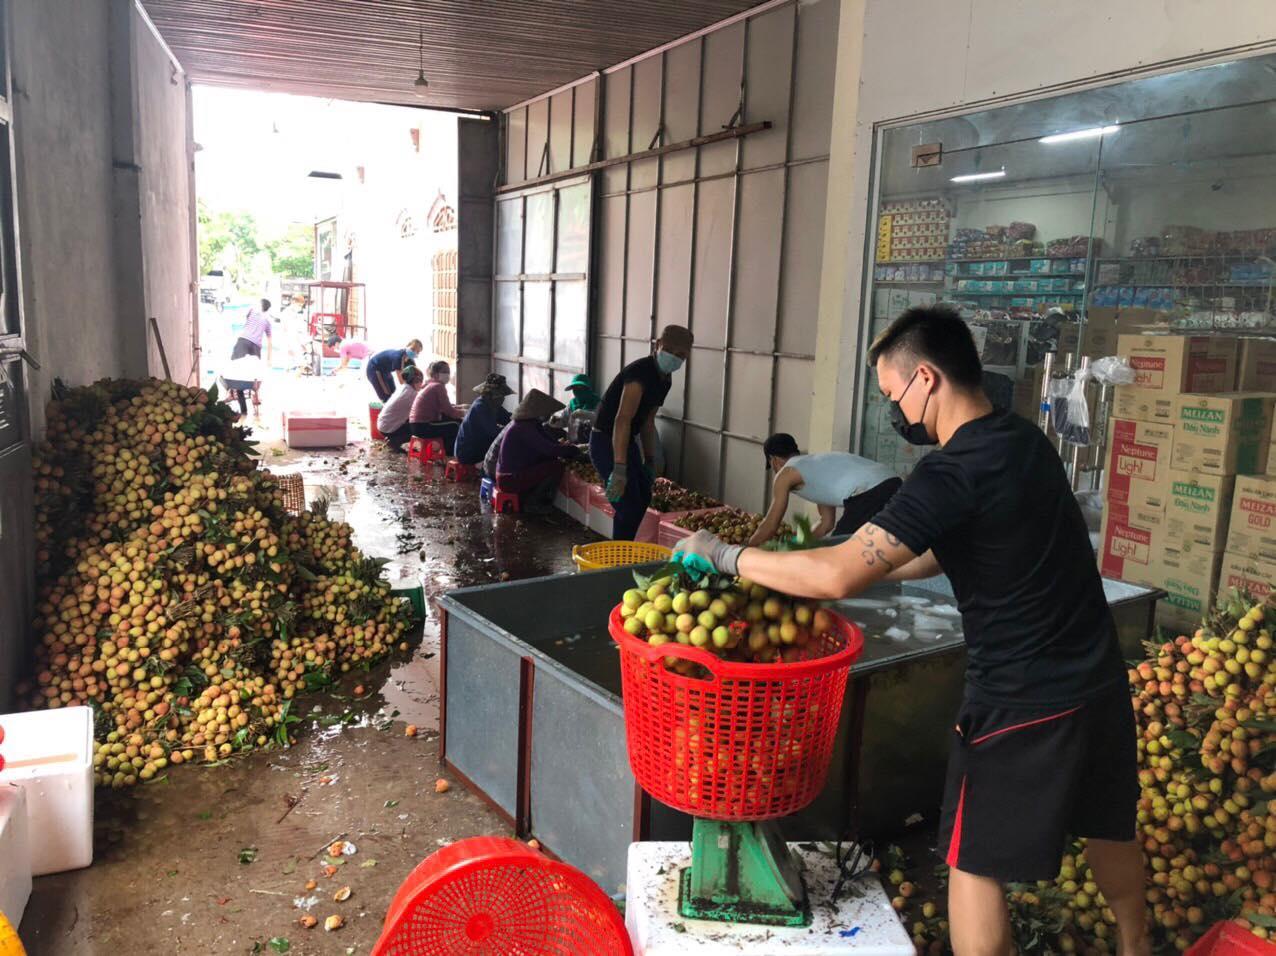 Vải thiều thông quan sang Trung Quốc thuận lợi, vải sớm hút khách, Bắc Giang linh hoạt các kịch bản tiêu thụ - Ảnh 1.